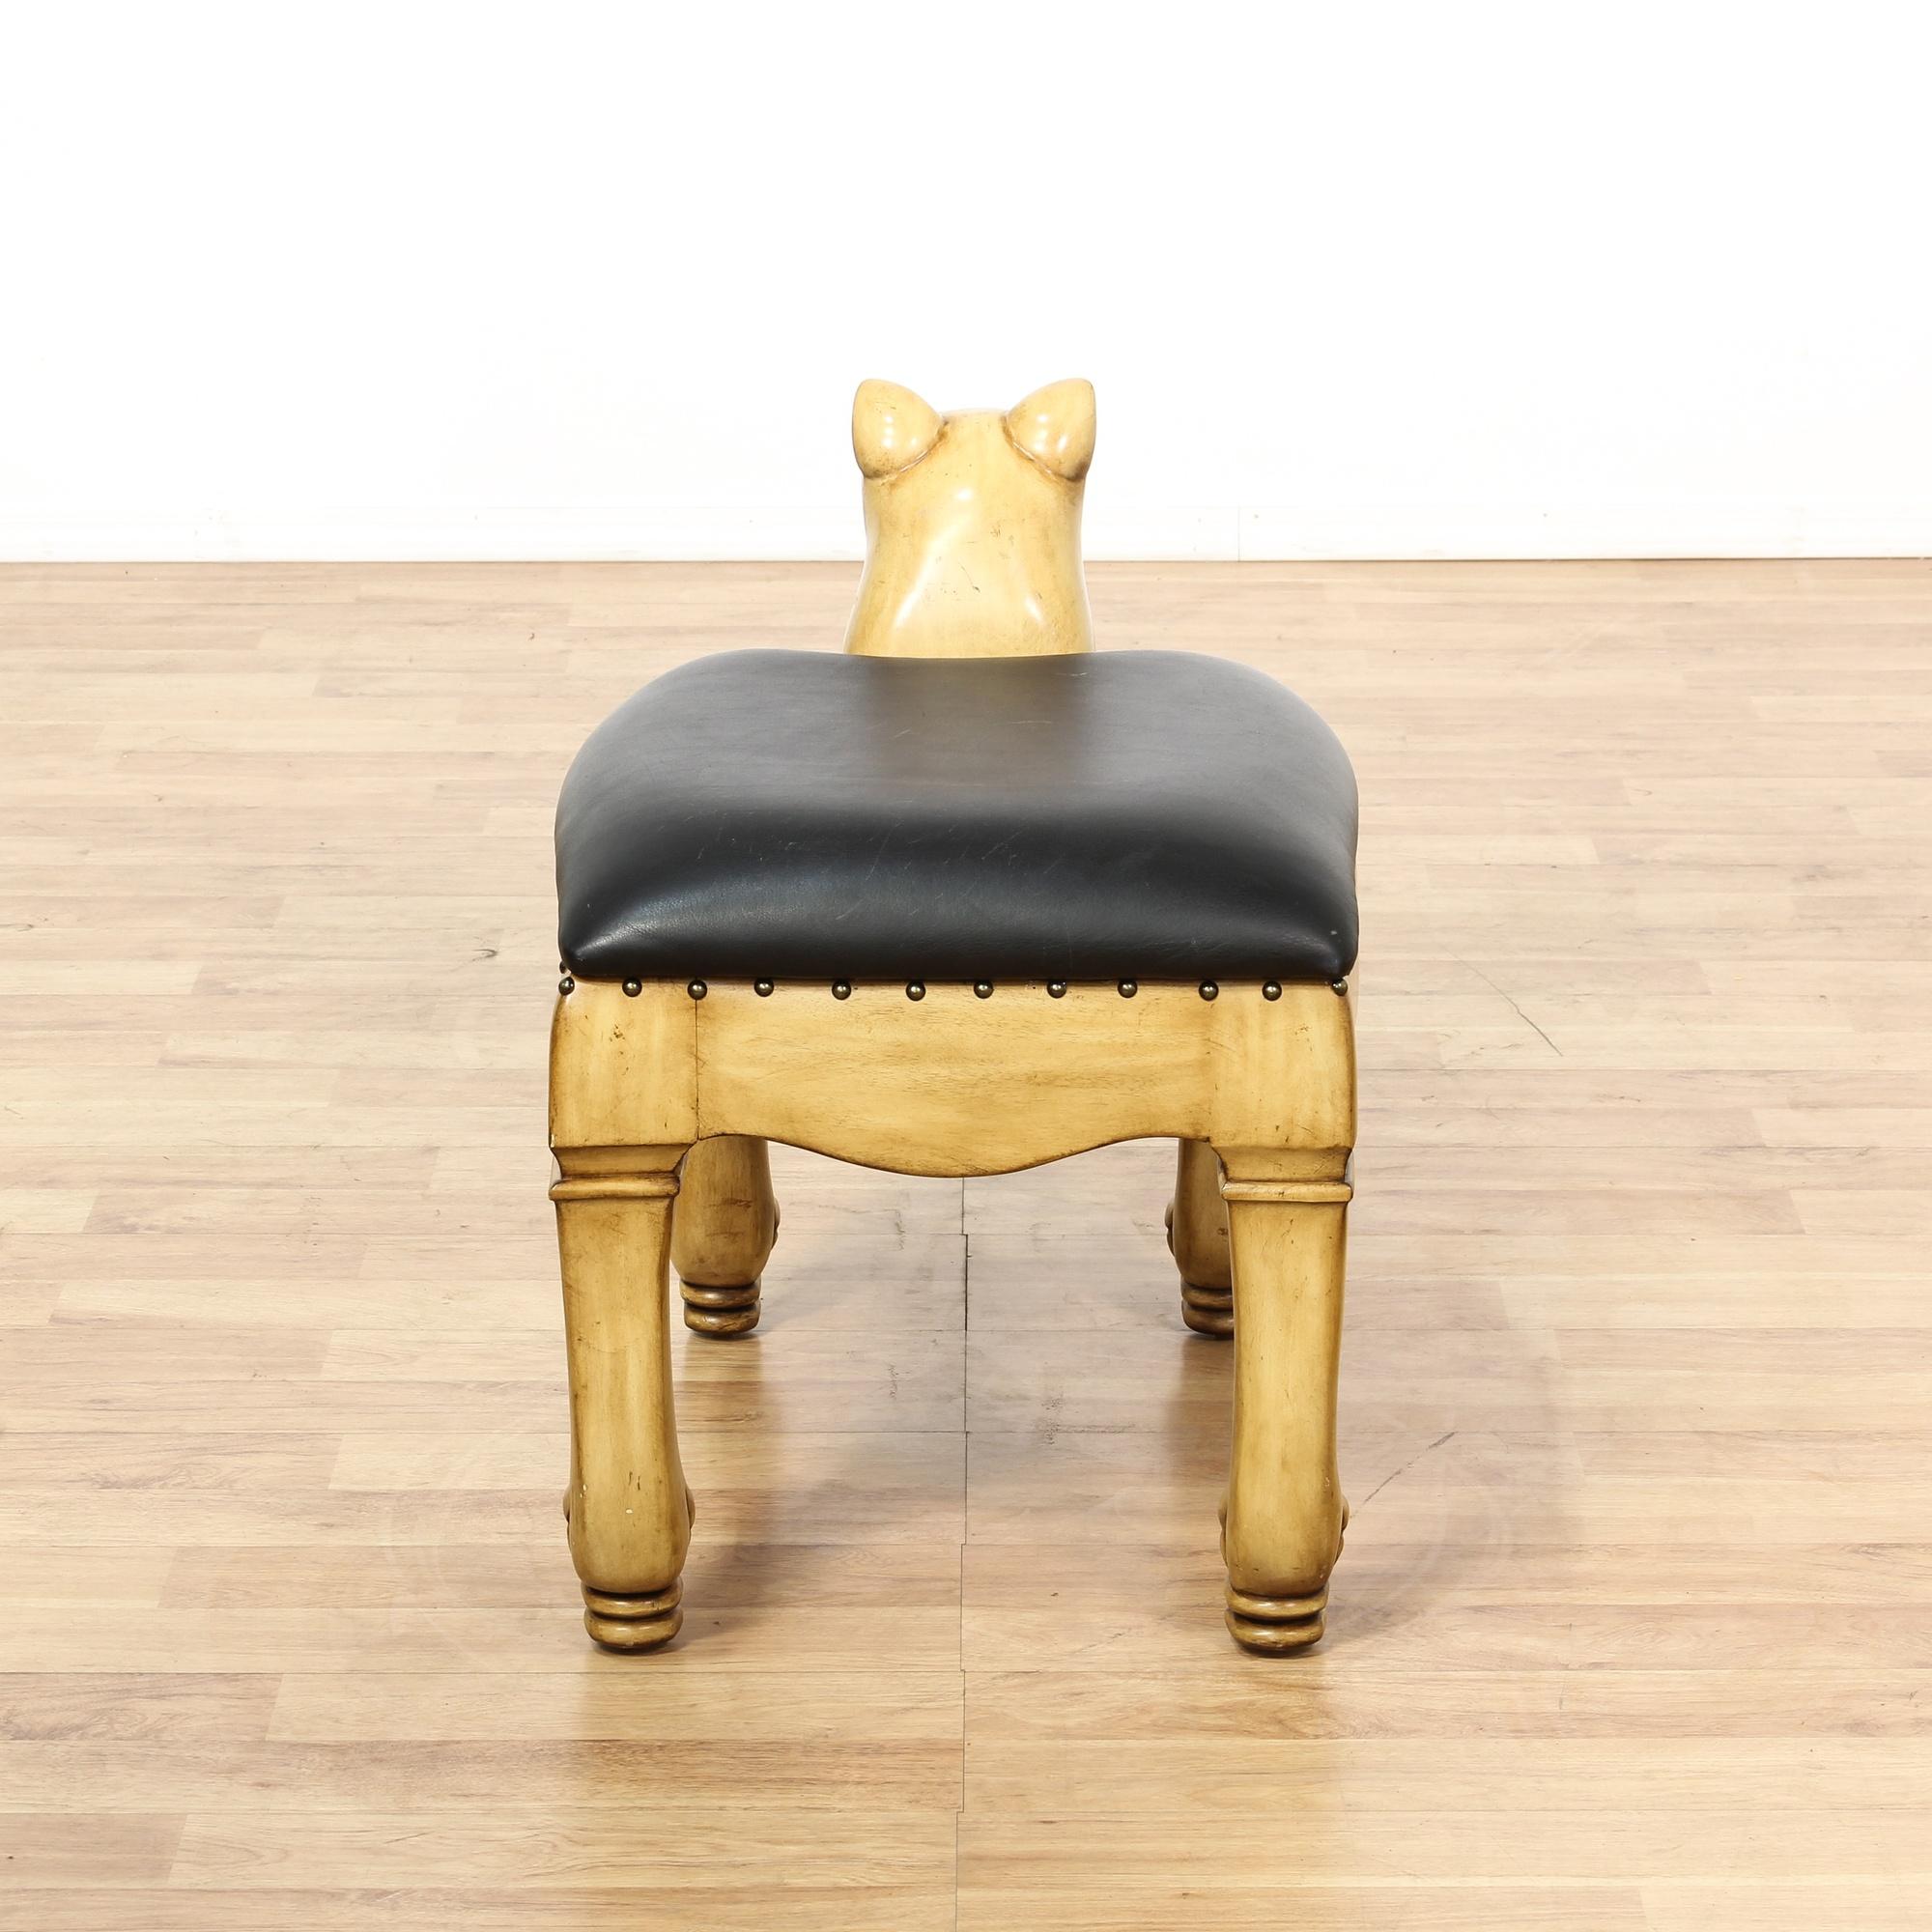 wood carved lioness cat bench loveseat vintage furniture